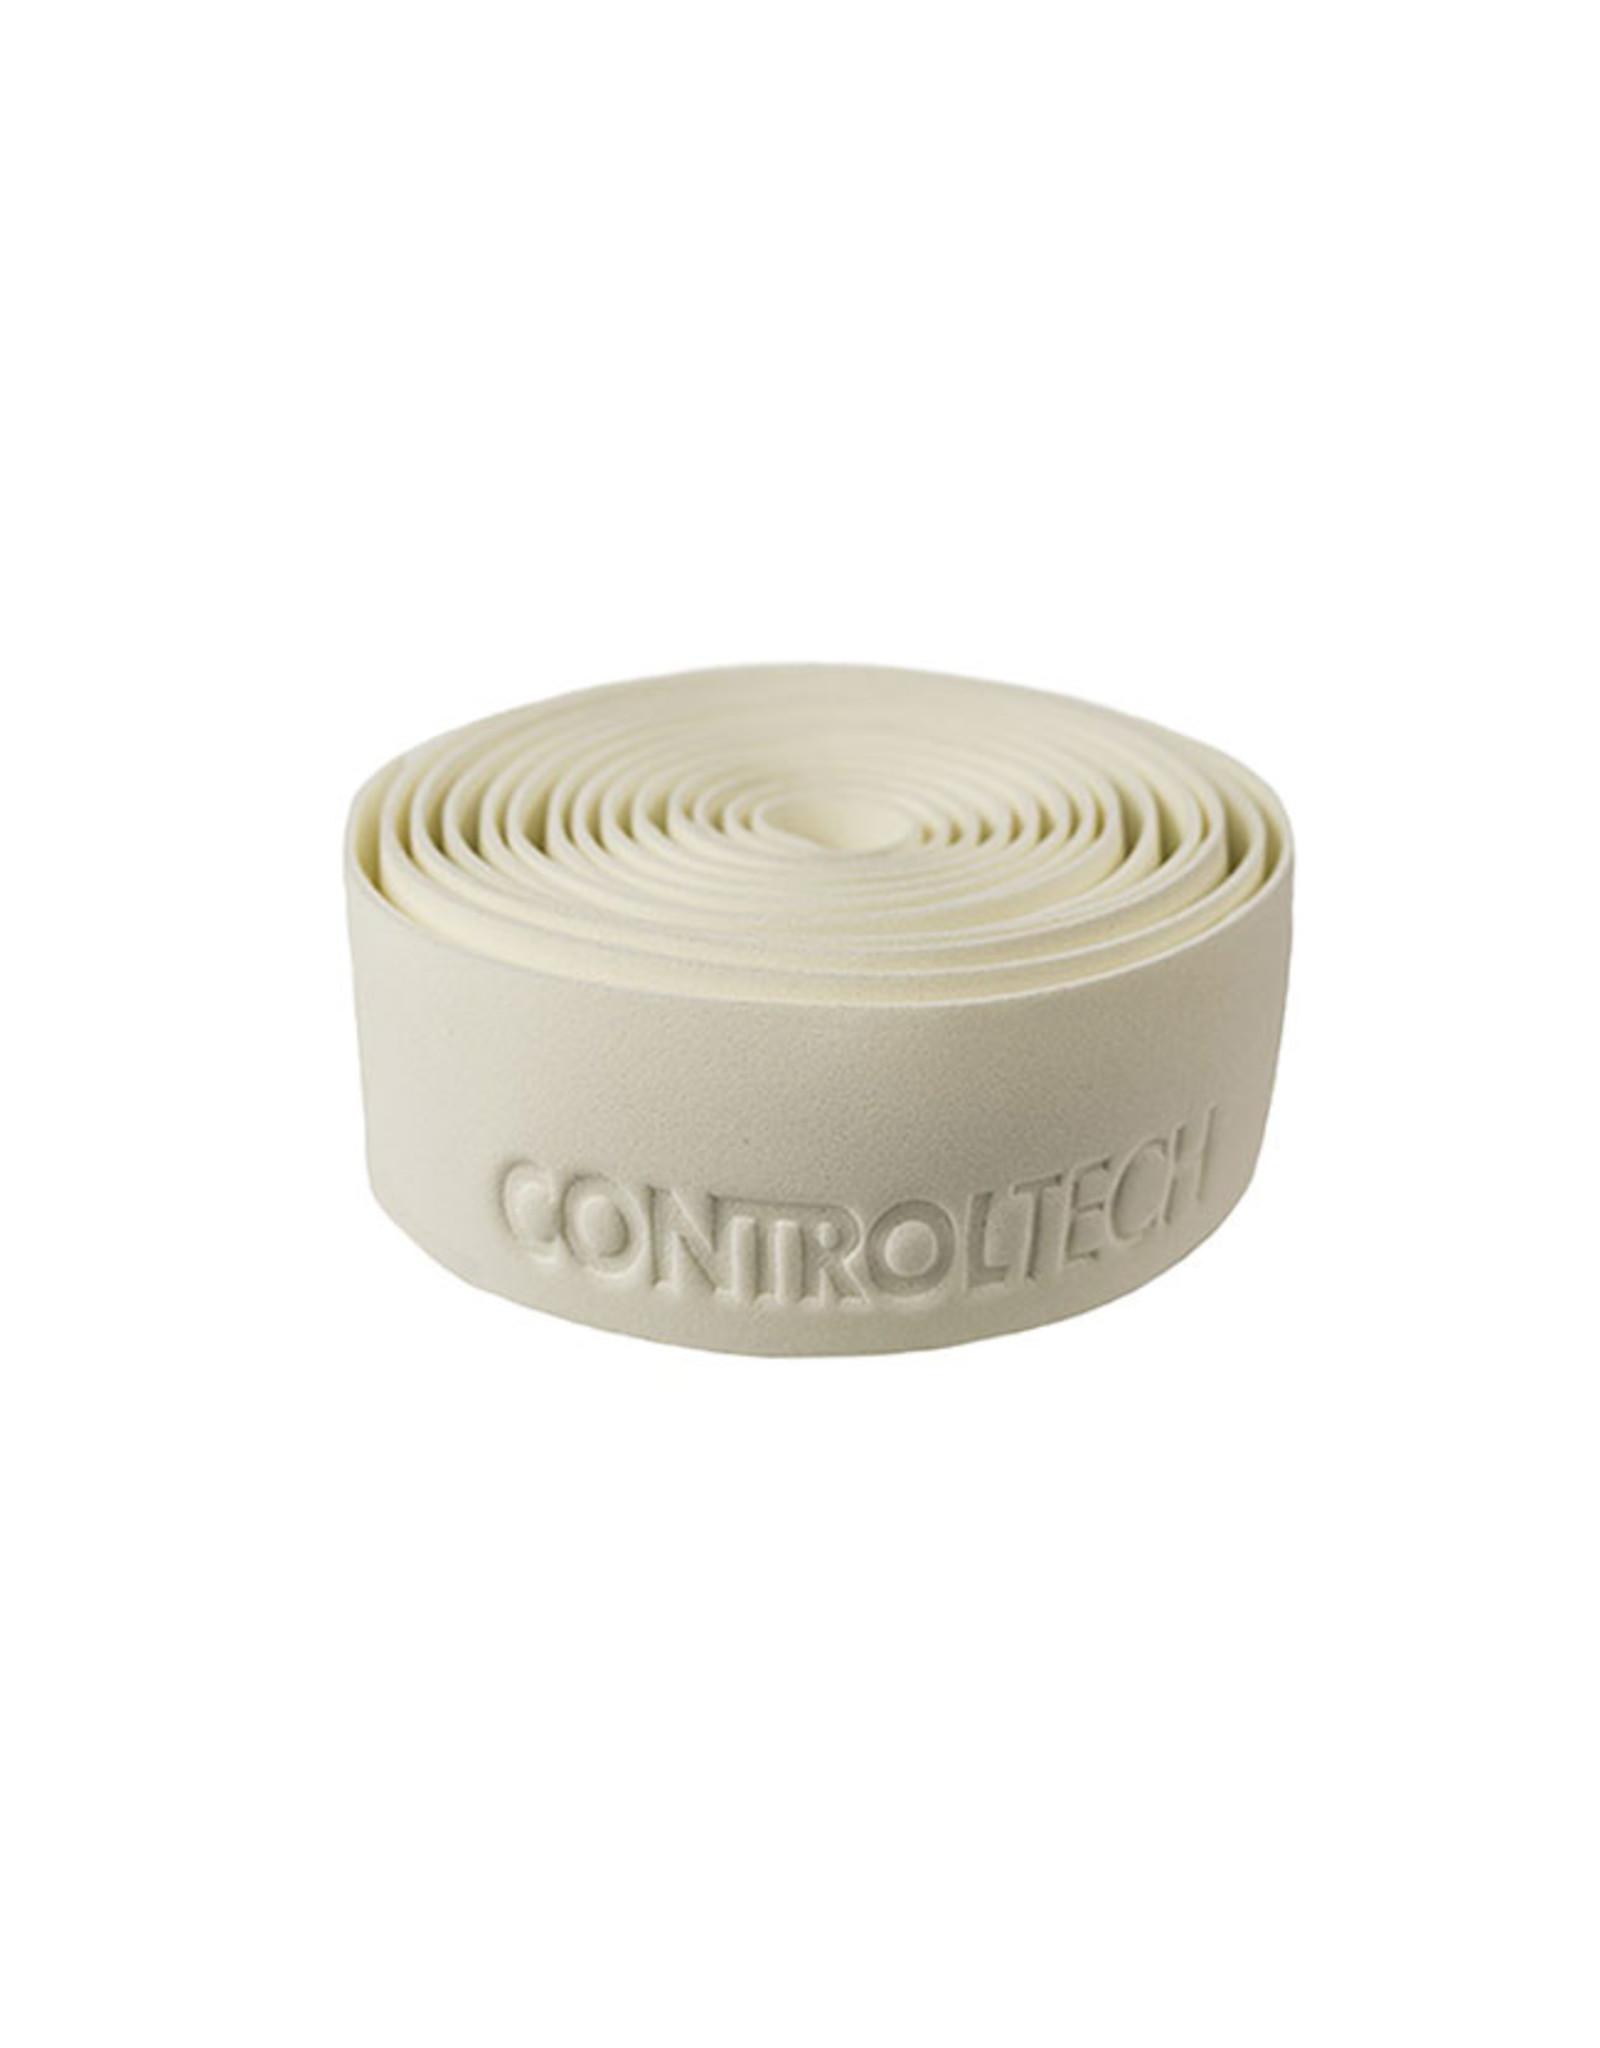 ControlTech ControlTech Handlebar Tape